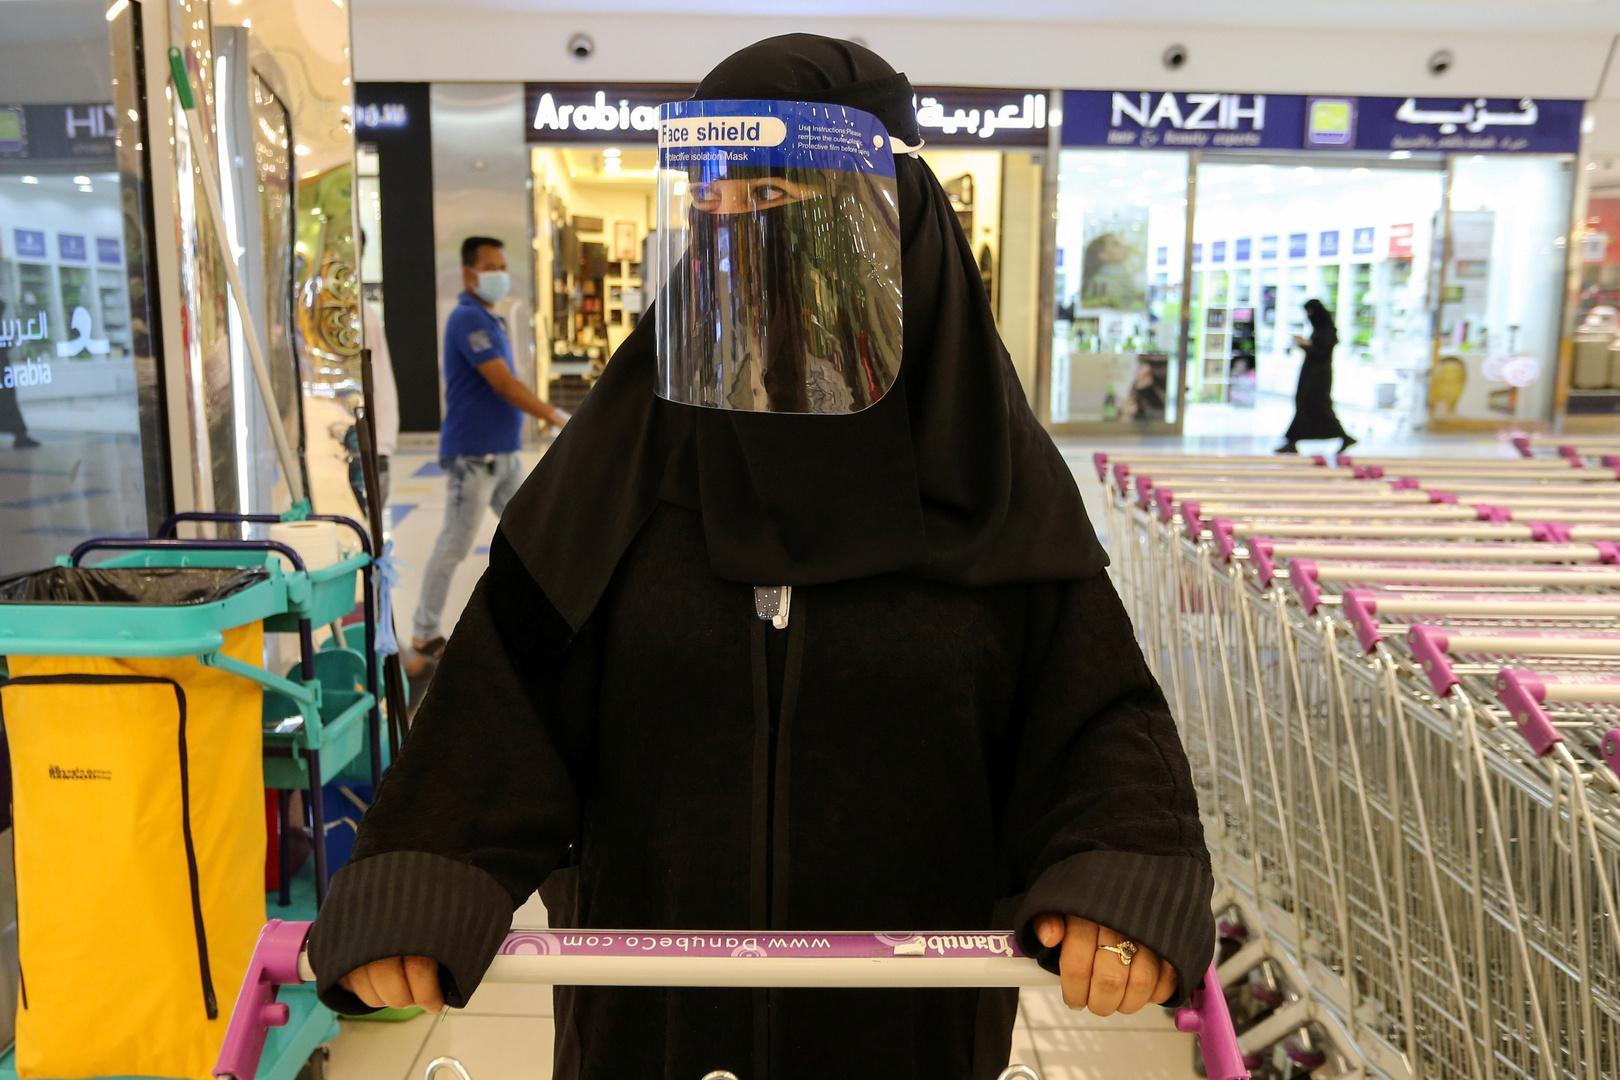 السعودية تسجل 37 وفاة و2.6 ألف إصابة بكورونا خلال 24 ساعة